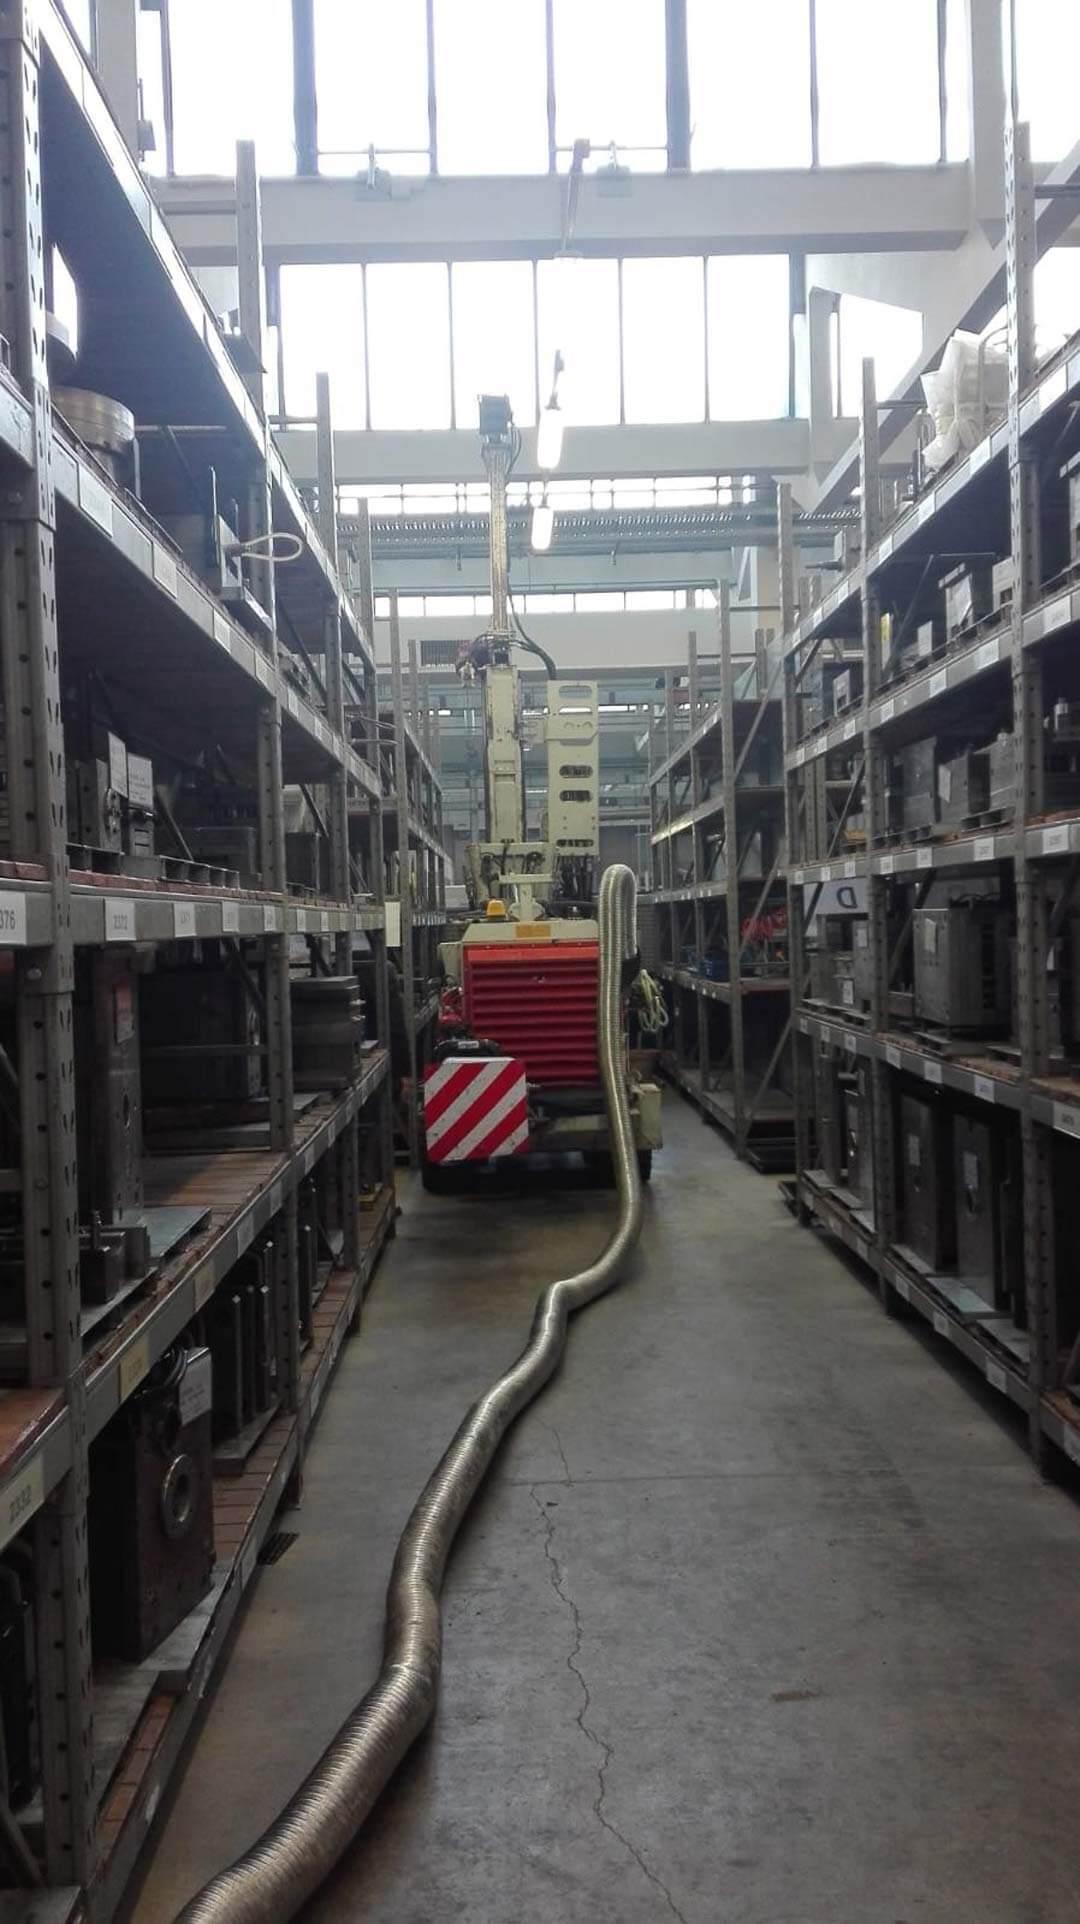 Sondaggi interni a capannone industriale - MONZA